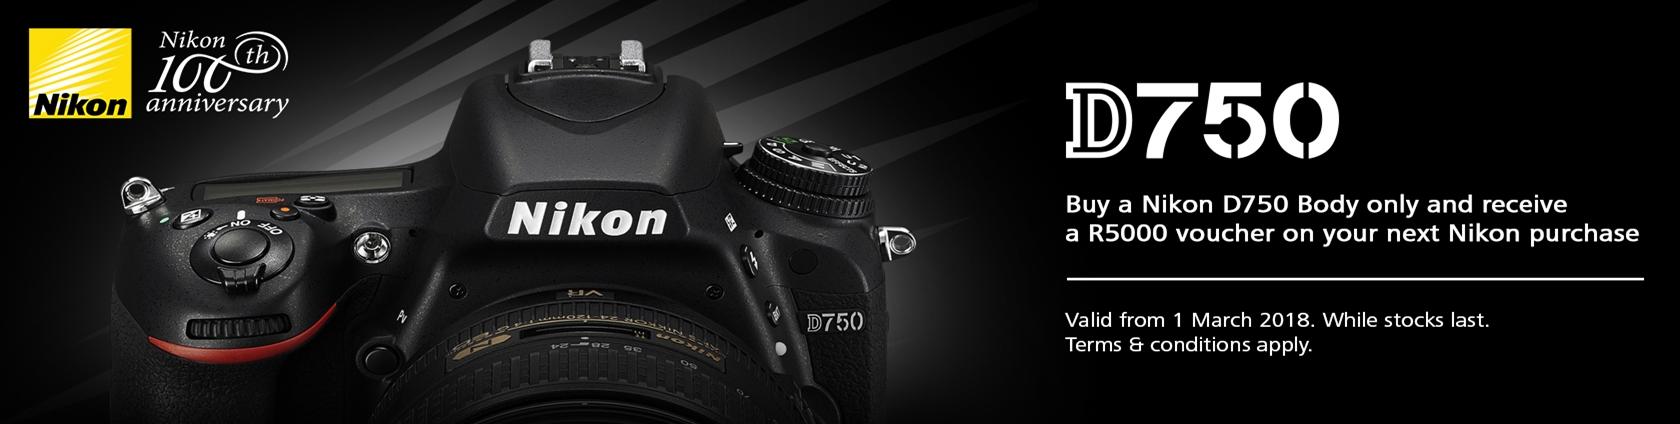 Nikon D750 voucher